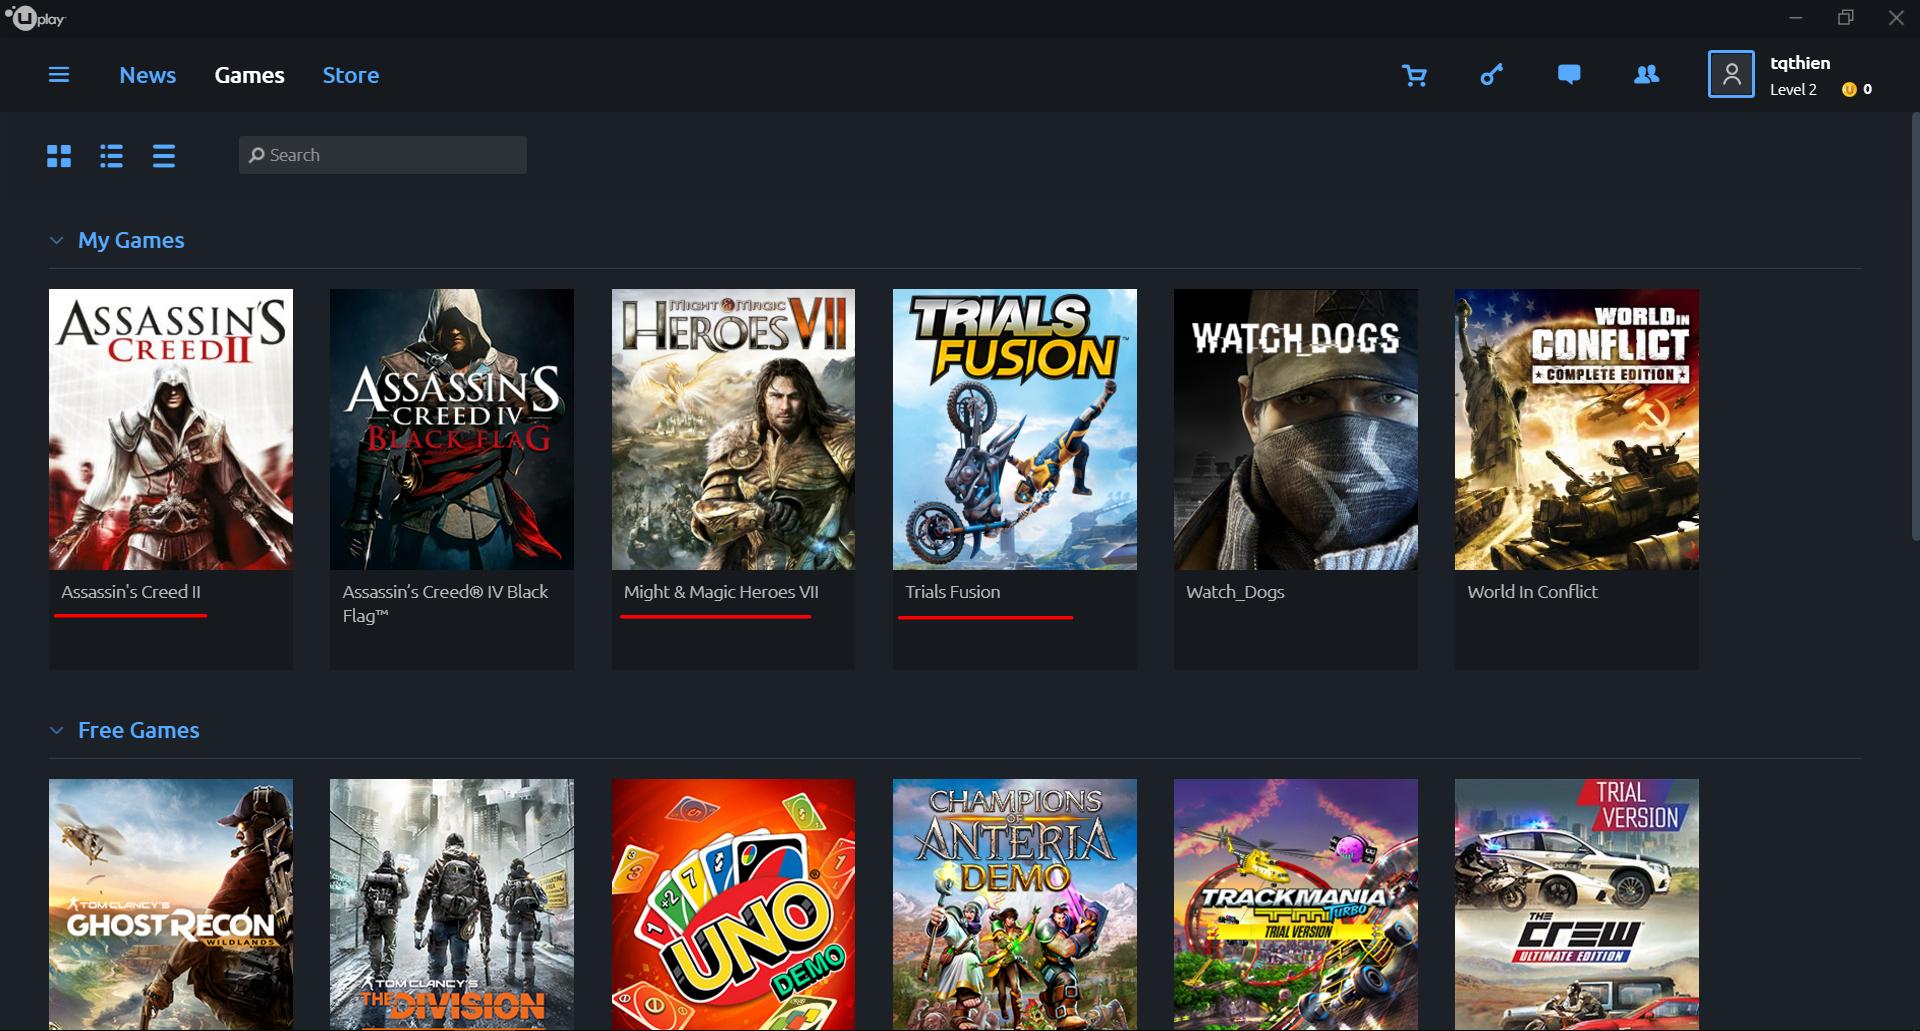 Nhanh tay sở hữu miễn phí 3 tựa game cực hay Trials Fusion, Assassin's Creed II và Might & Magic Heroes VII từ Ubisoft